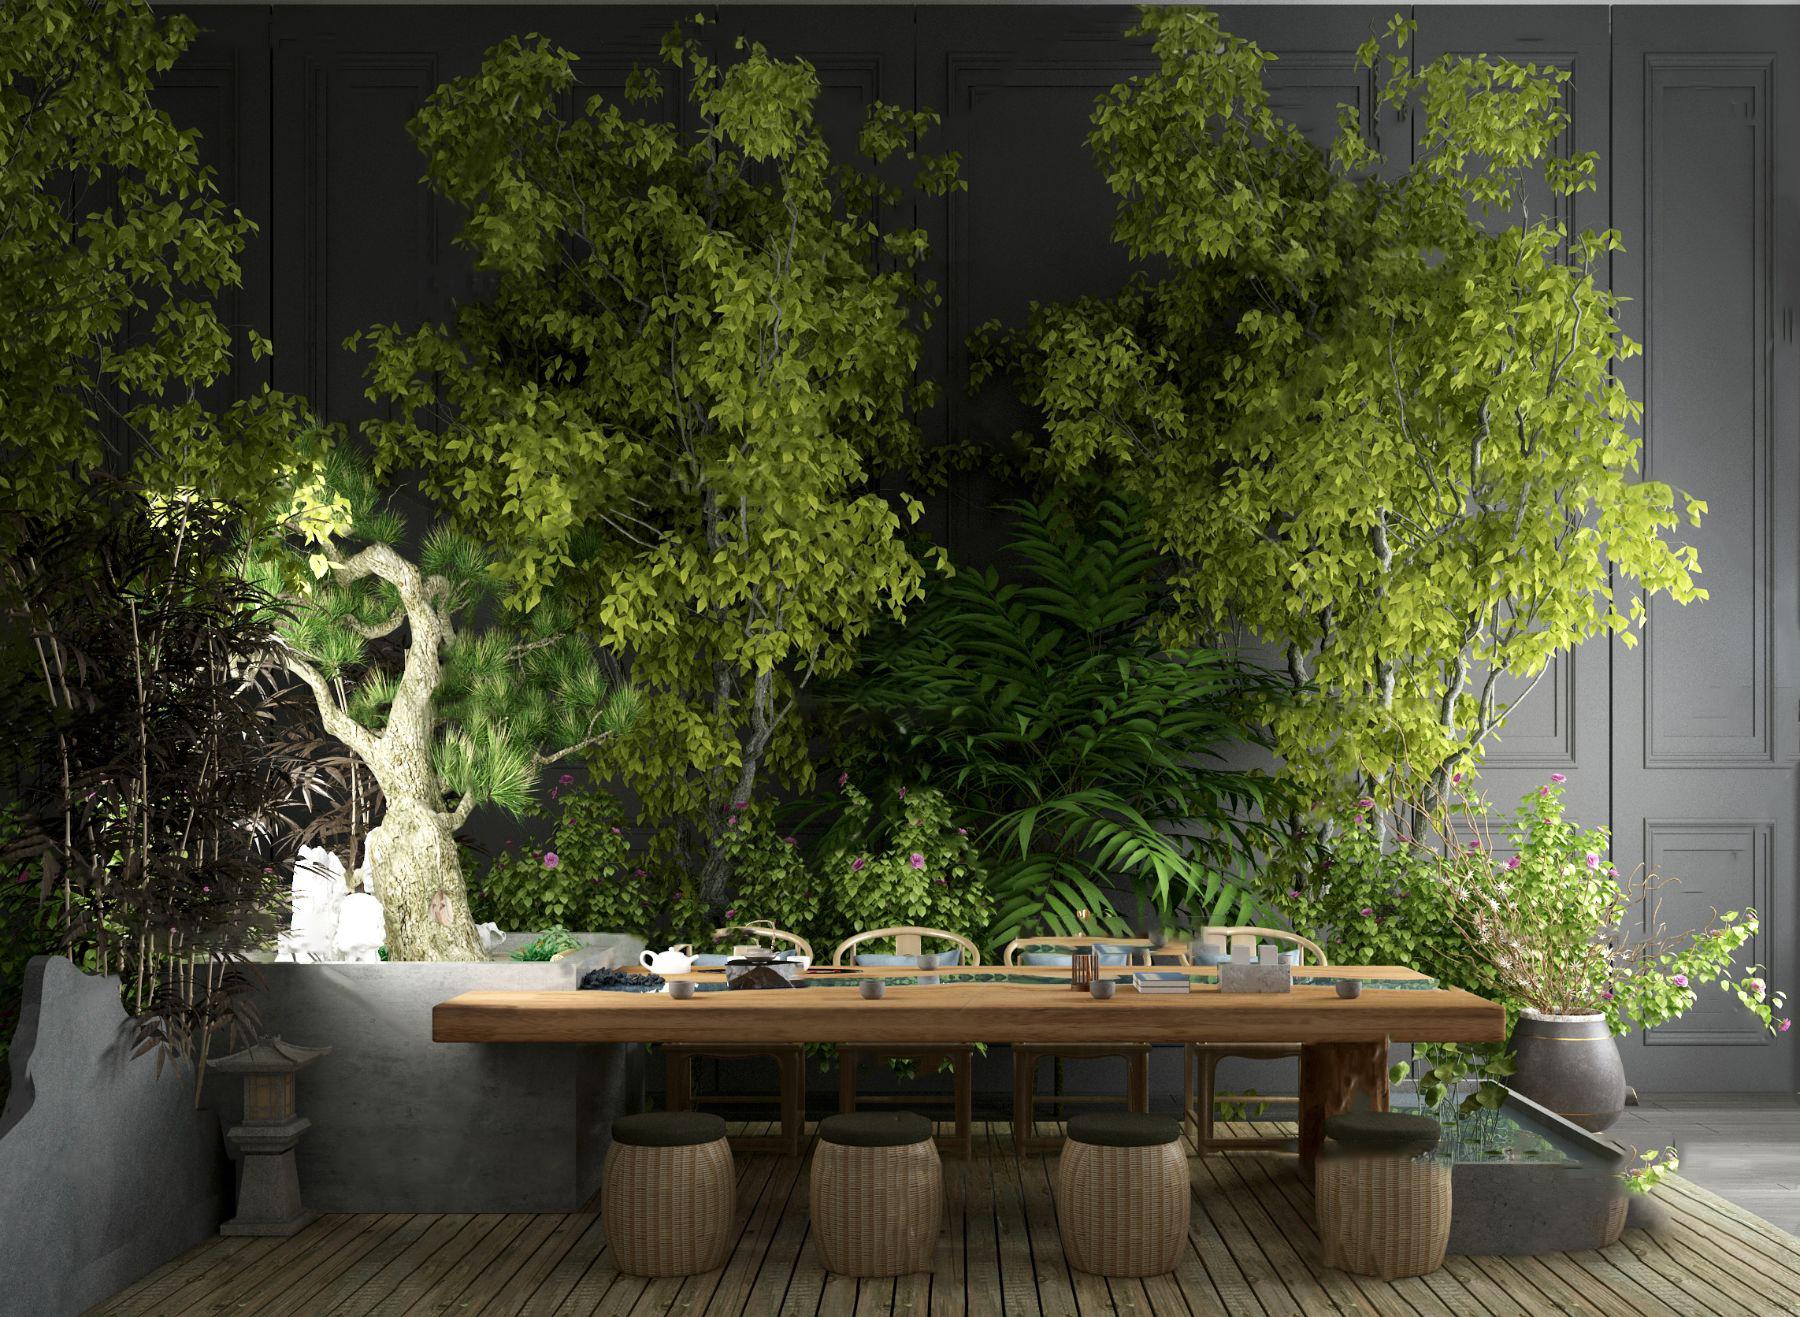 中式茶桌椅绿植景观小品3D模型【ID:243427418】